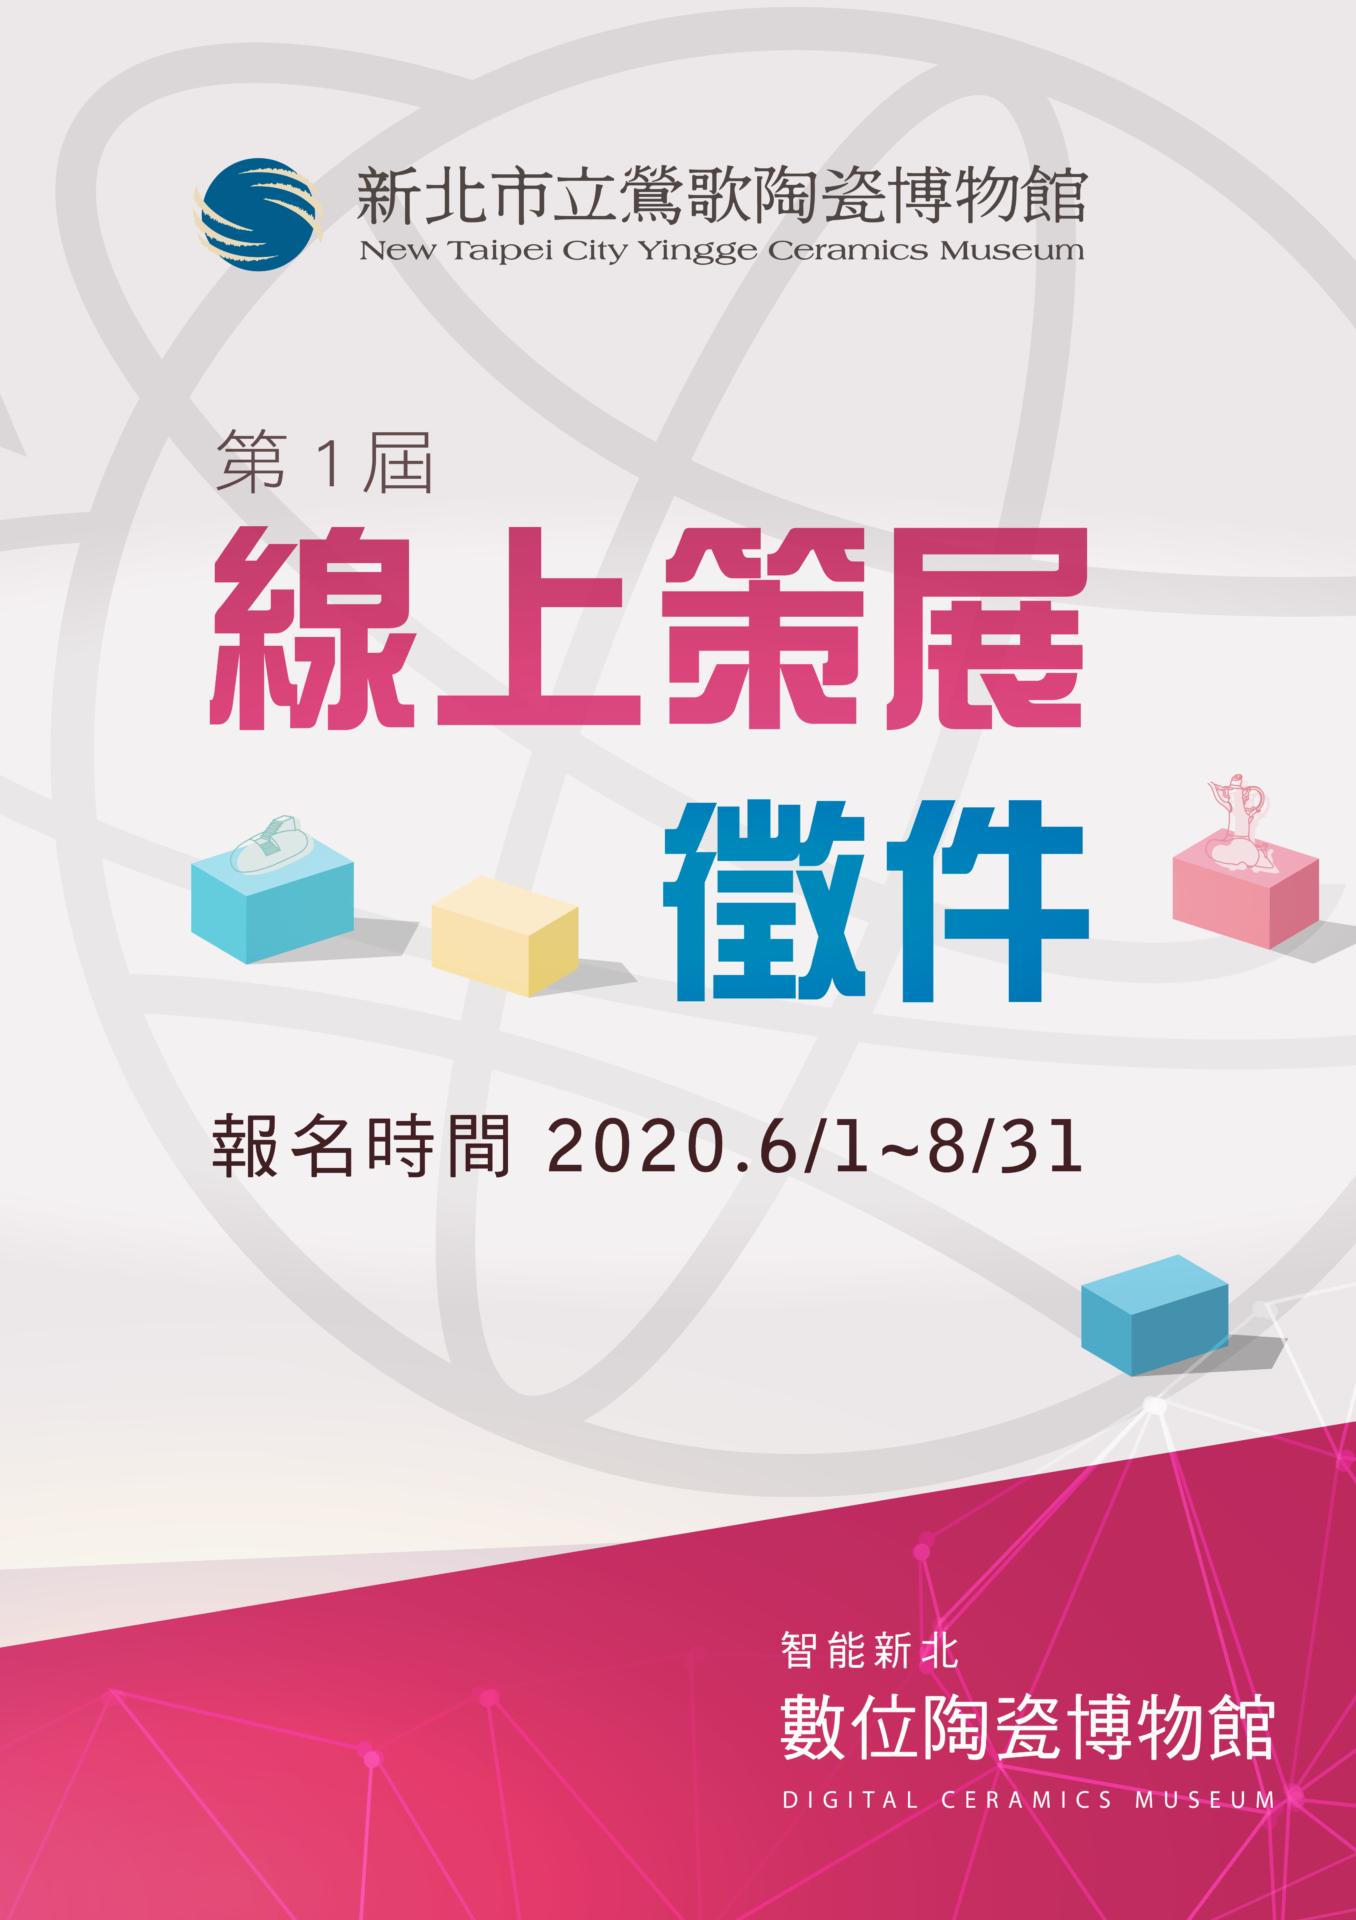 新北市立鶯歌陶瓷博物館:2020/06/01-2020/08/31【數位陶瓷博物館─線上策展徵件】